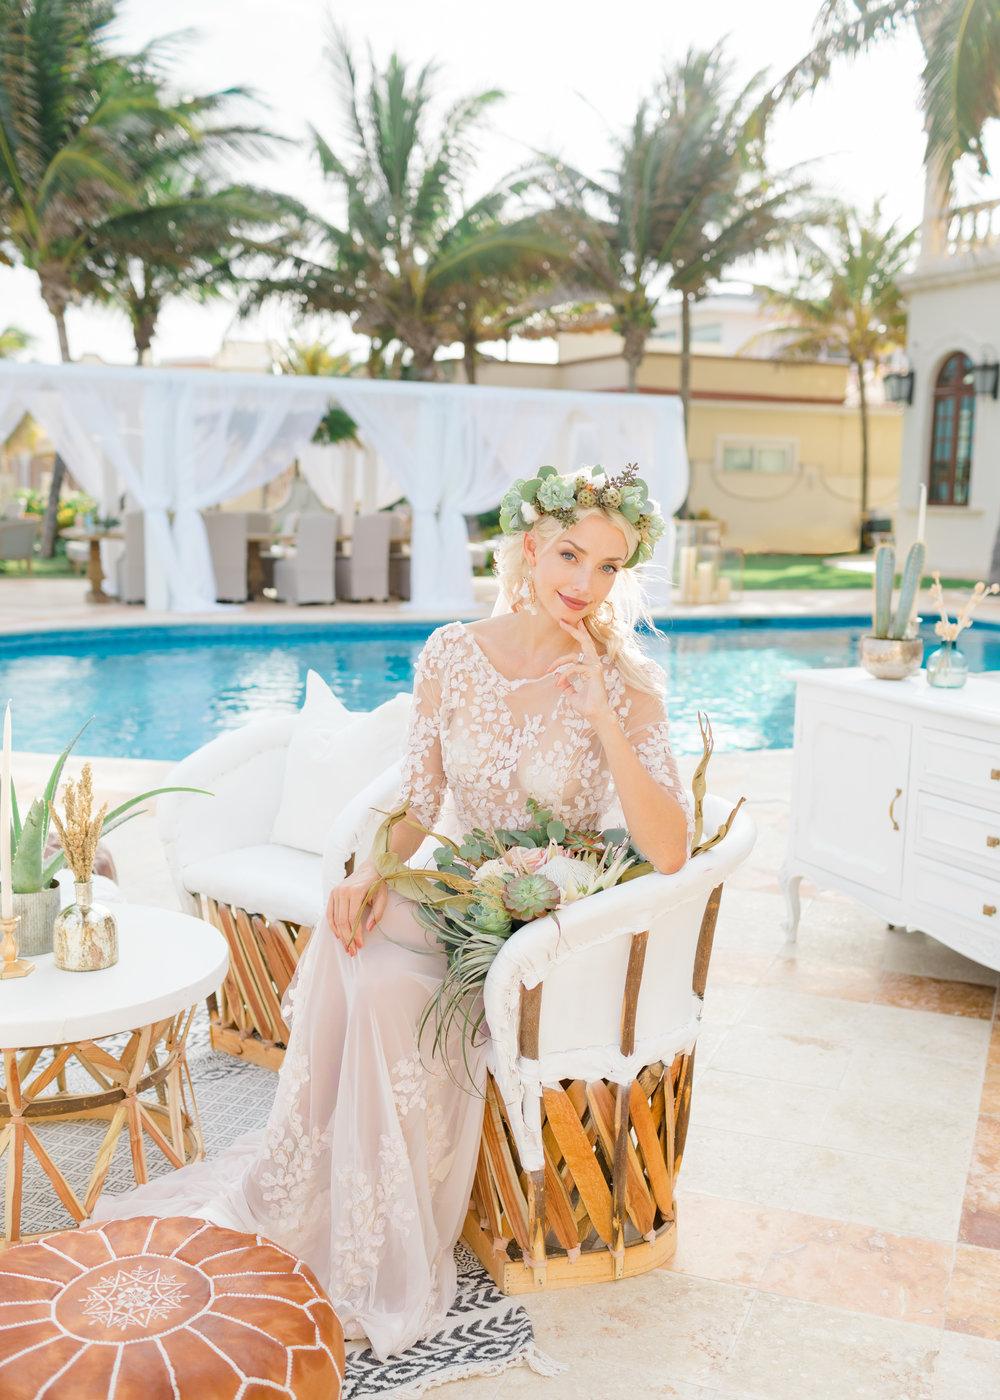 mexico-destination-wedding-venue-18.jpg